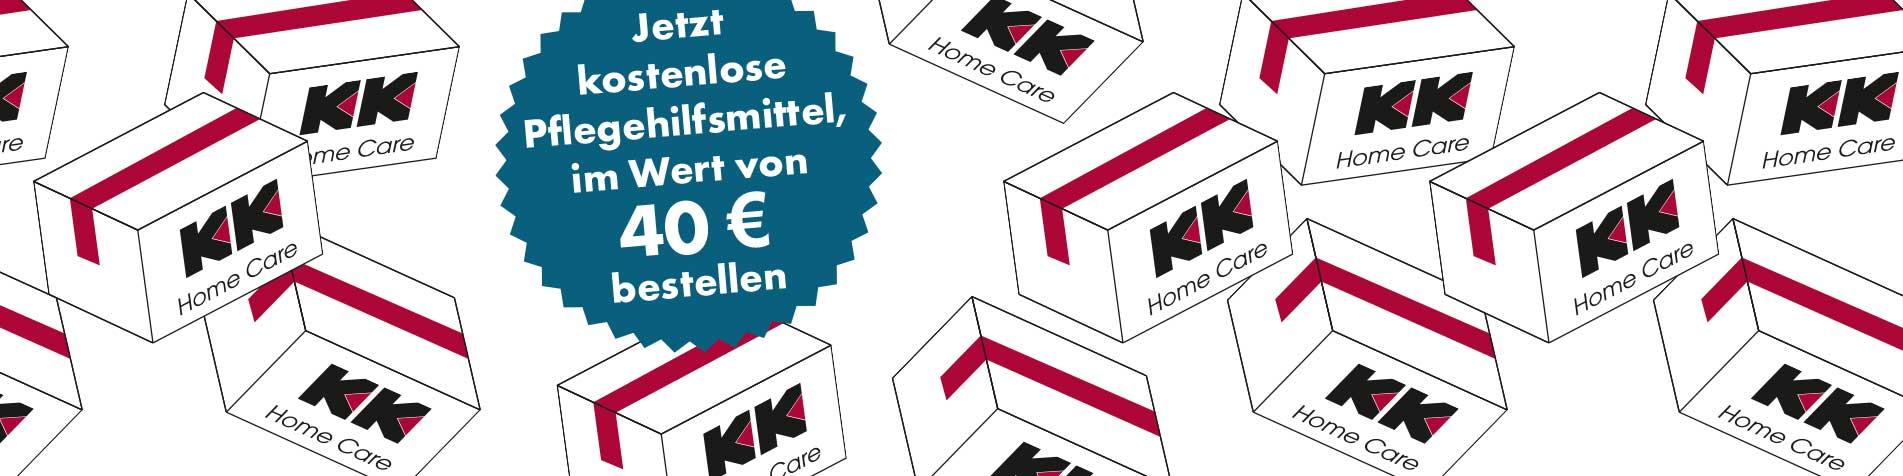 Keppel Home Care der Anbieter für Inkontinenzversorgung in Deutschland - Windel Slips Pants für Männer und Frauen